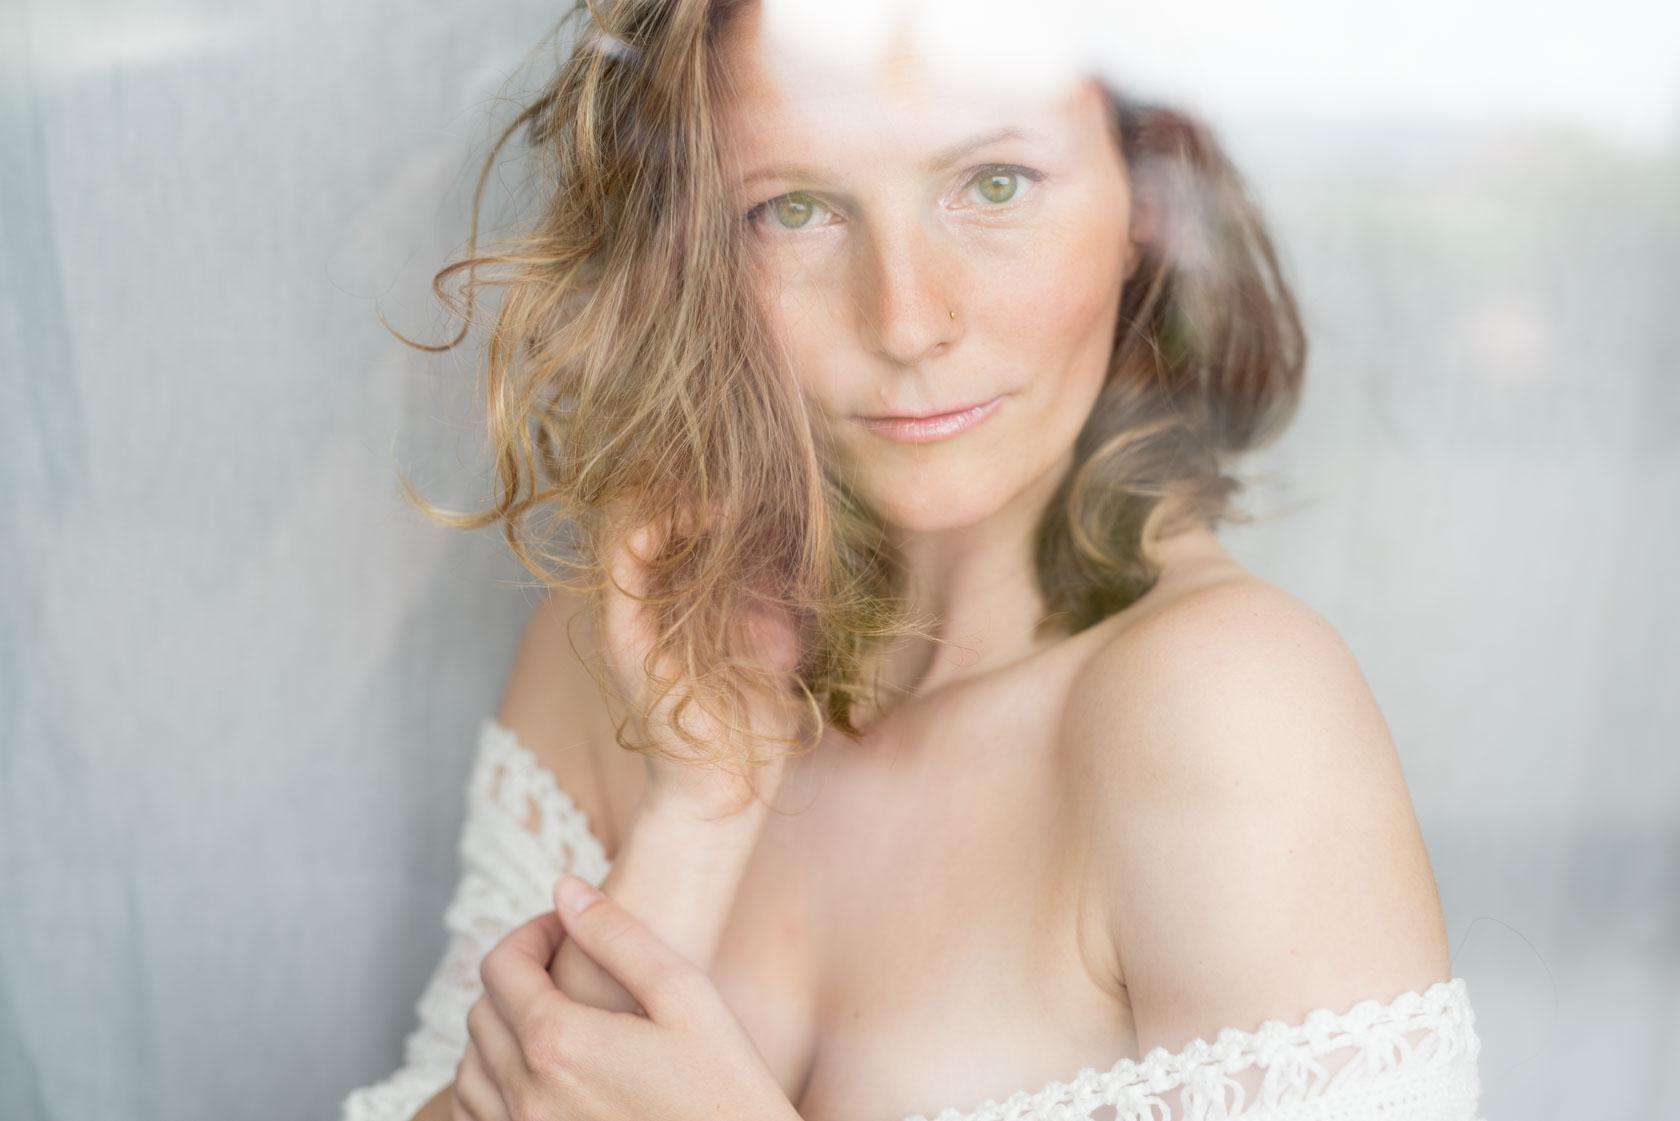 https://www.stefanhill.net/wp-content/uploads/2017/06/Sinnliches-Boudoir-Fotoshooting-mit-Barbara-in-Stuttgart_0012.jpg